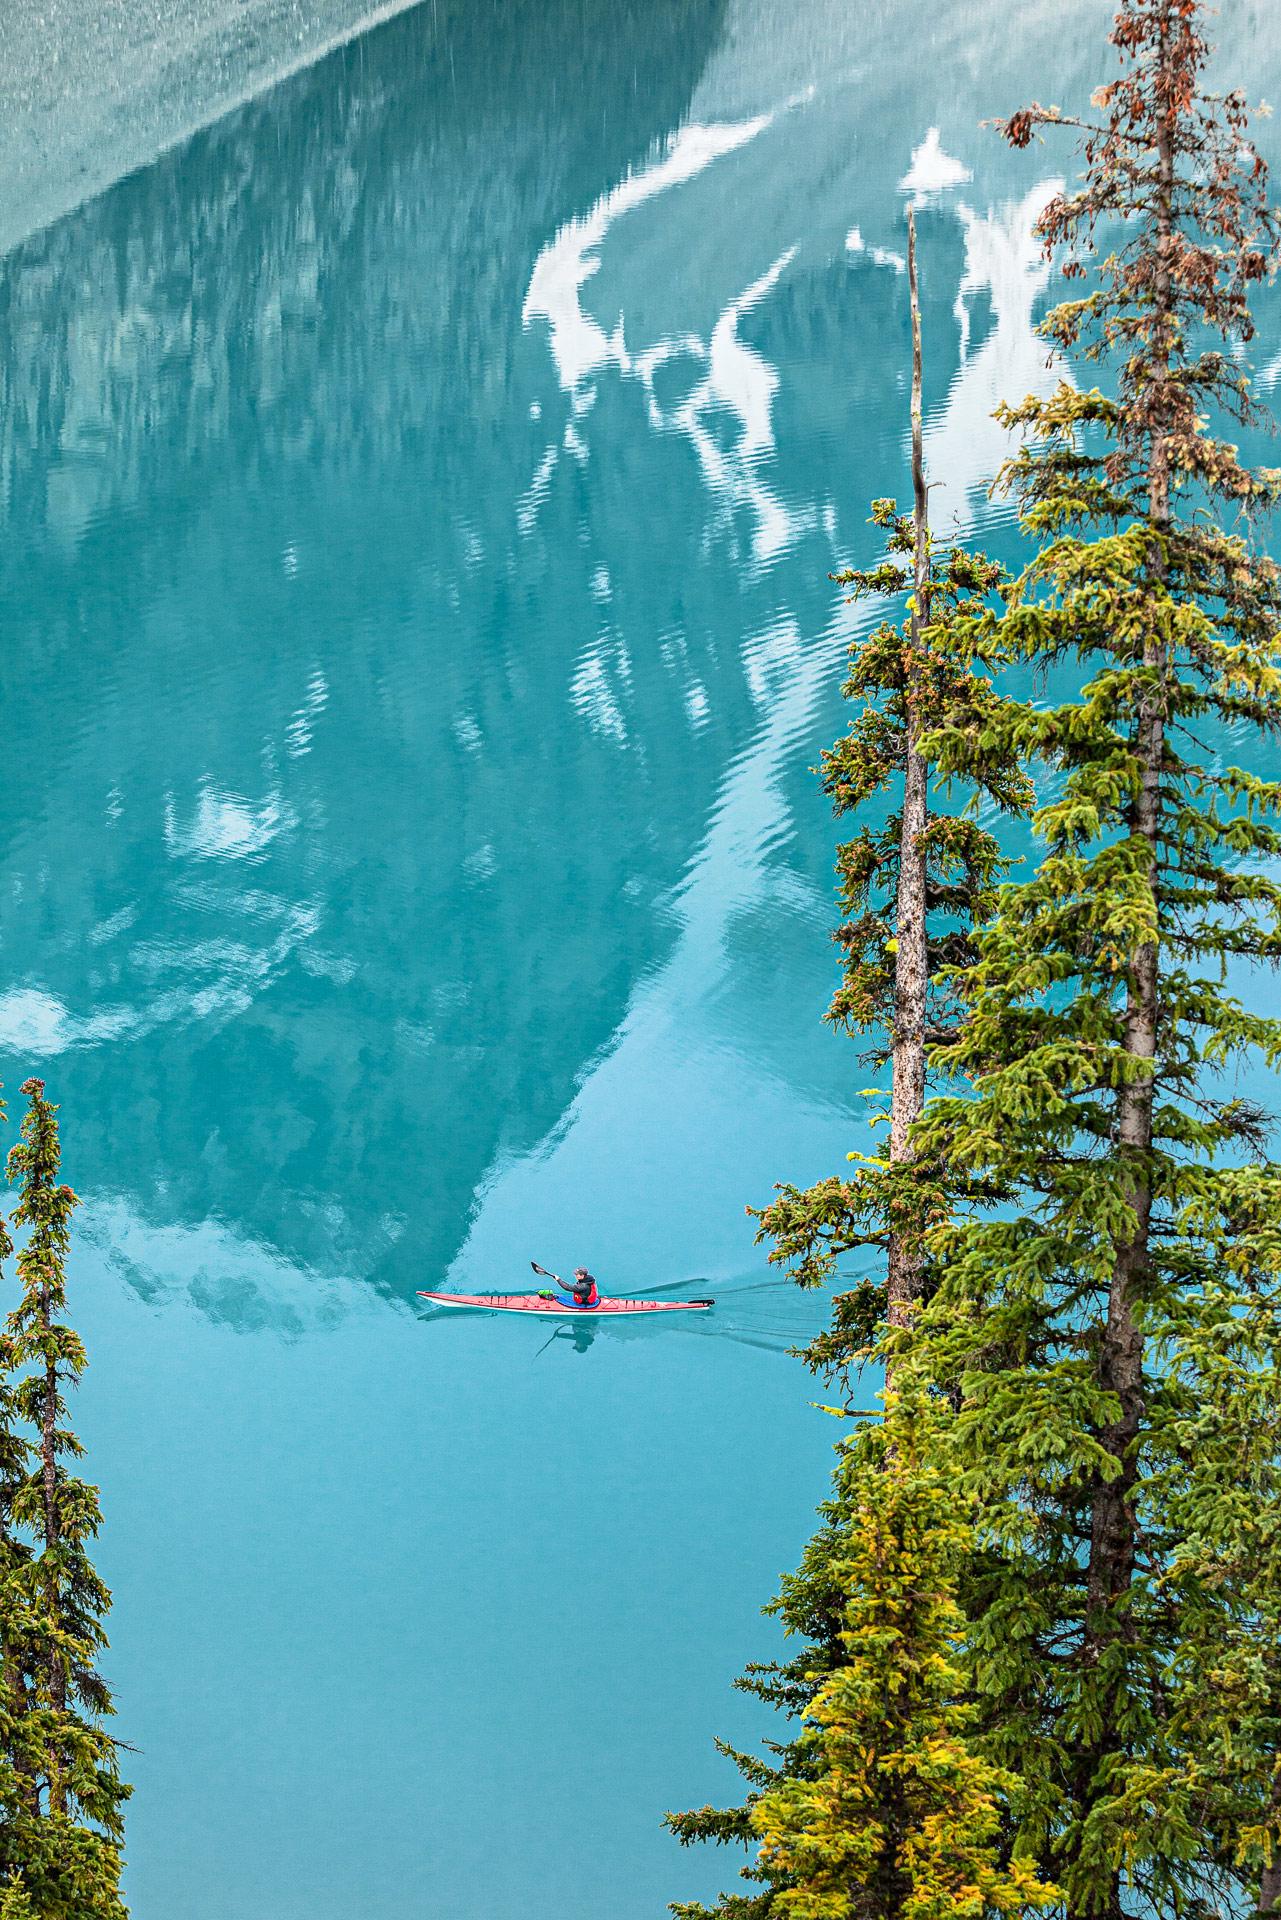 Kayak lac Moraine parc de Banff Canada